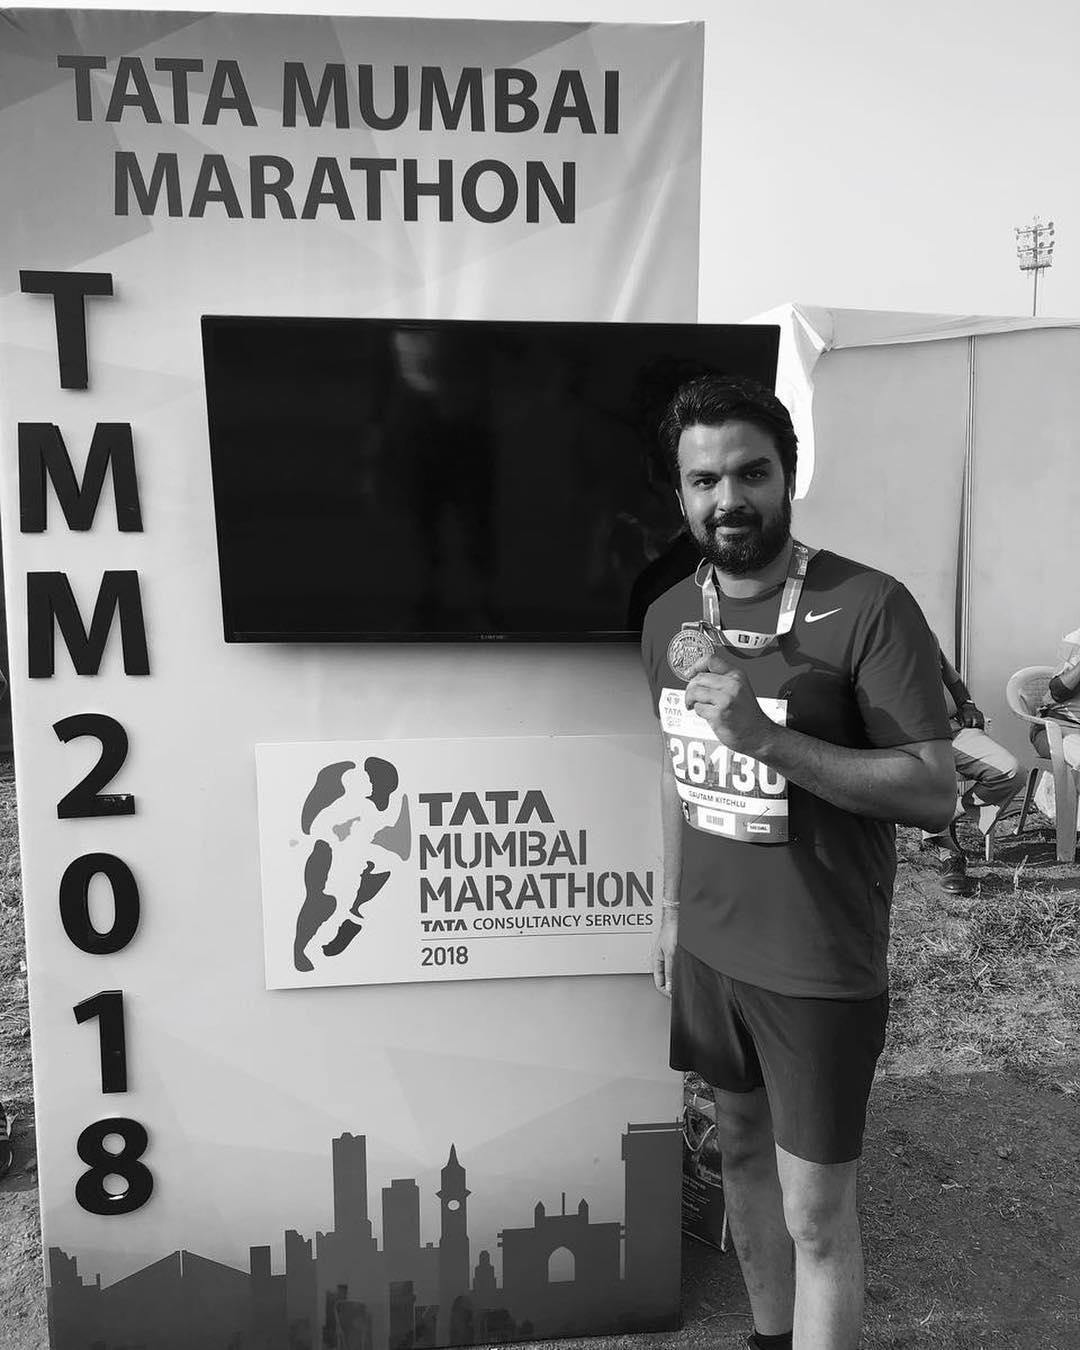 गौतम किचलू ने टाटा मुंबई मैराथन में भाग लिया